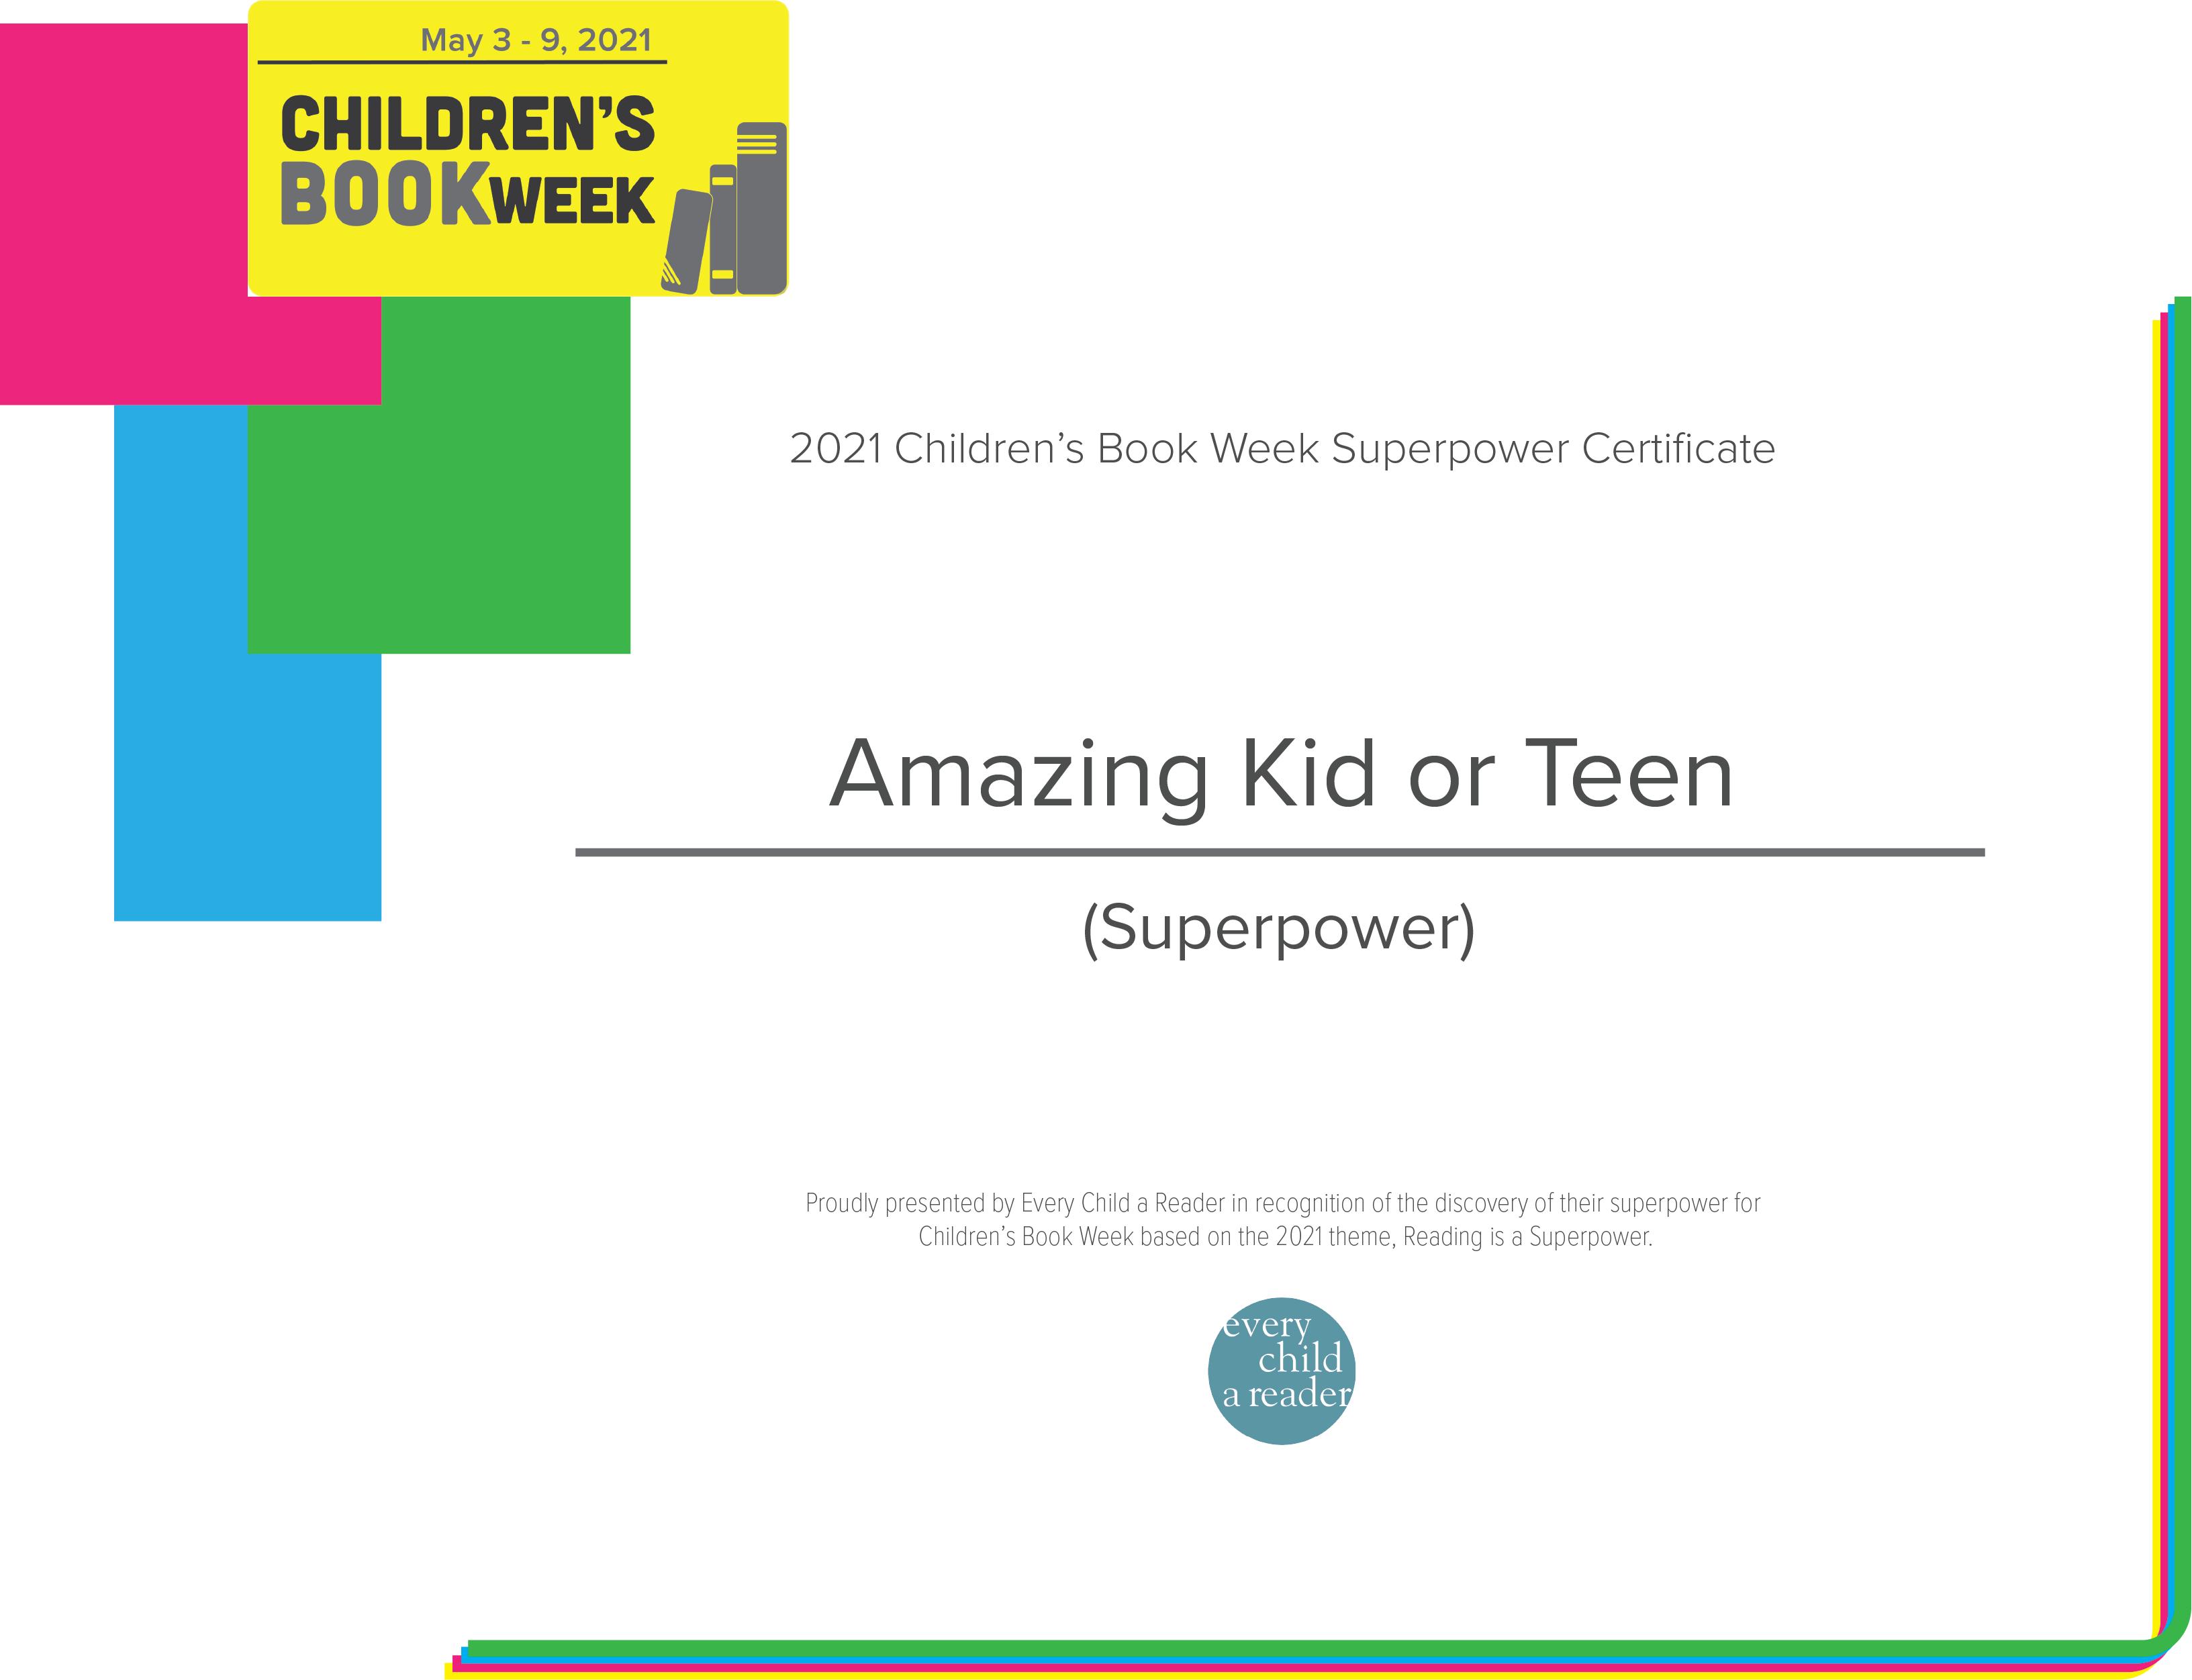 2021 CBW Certificate